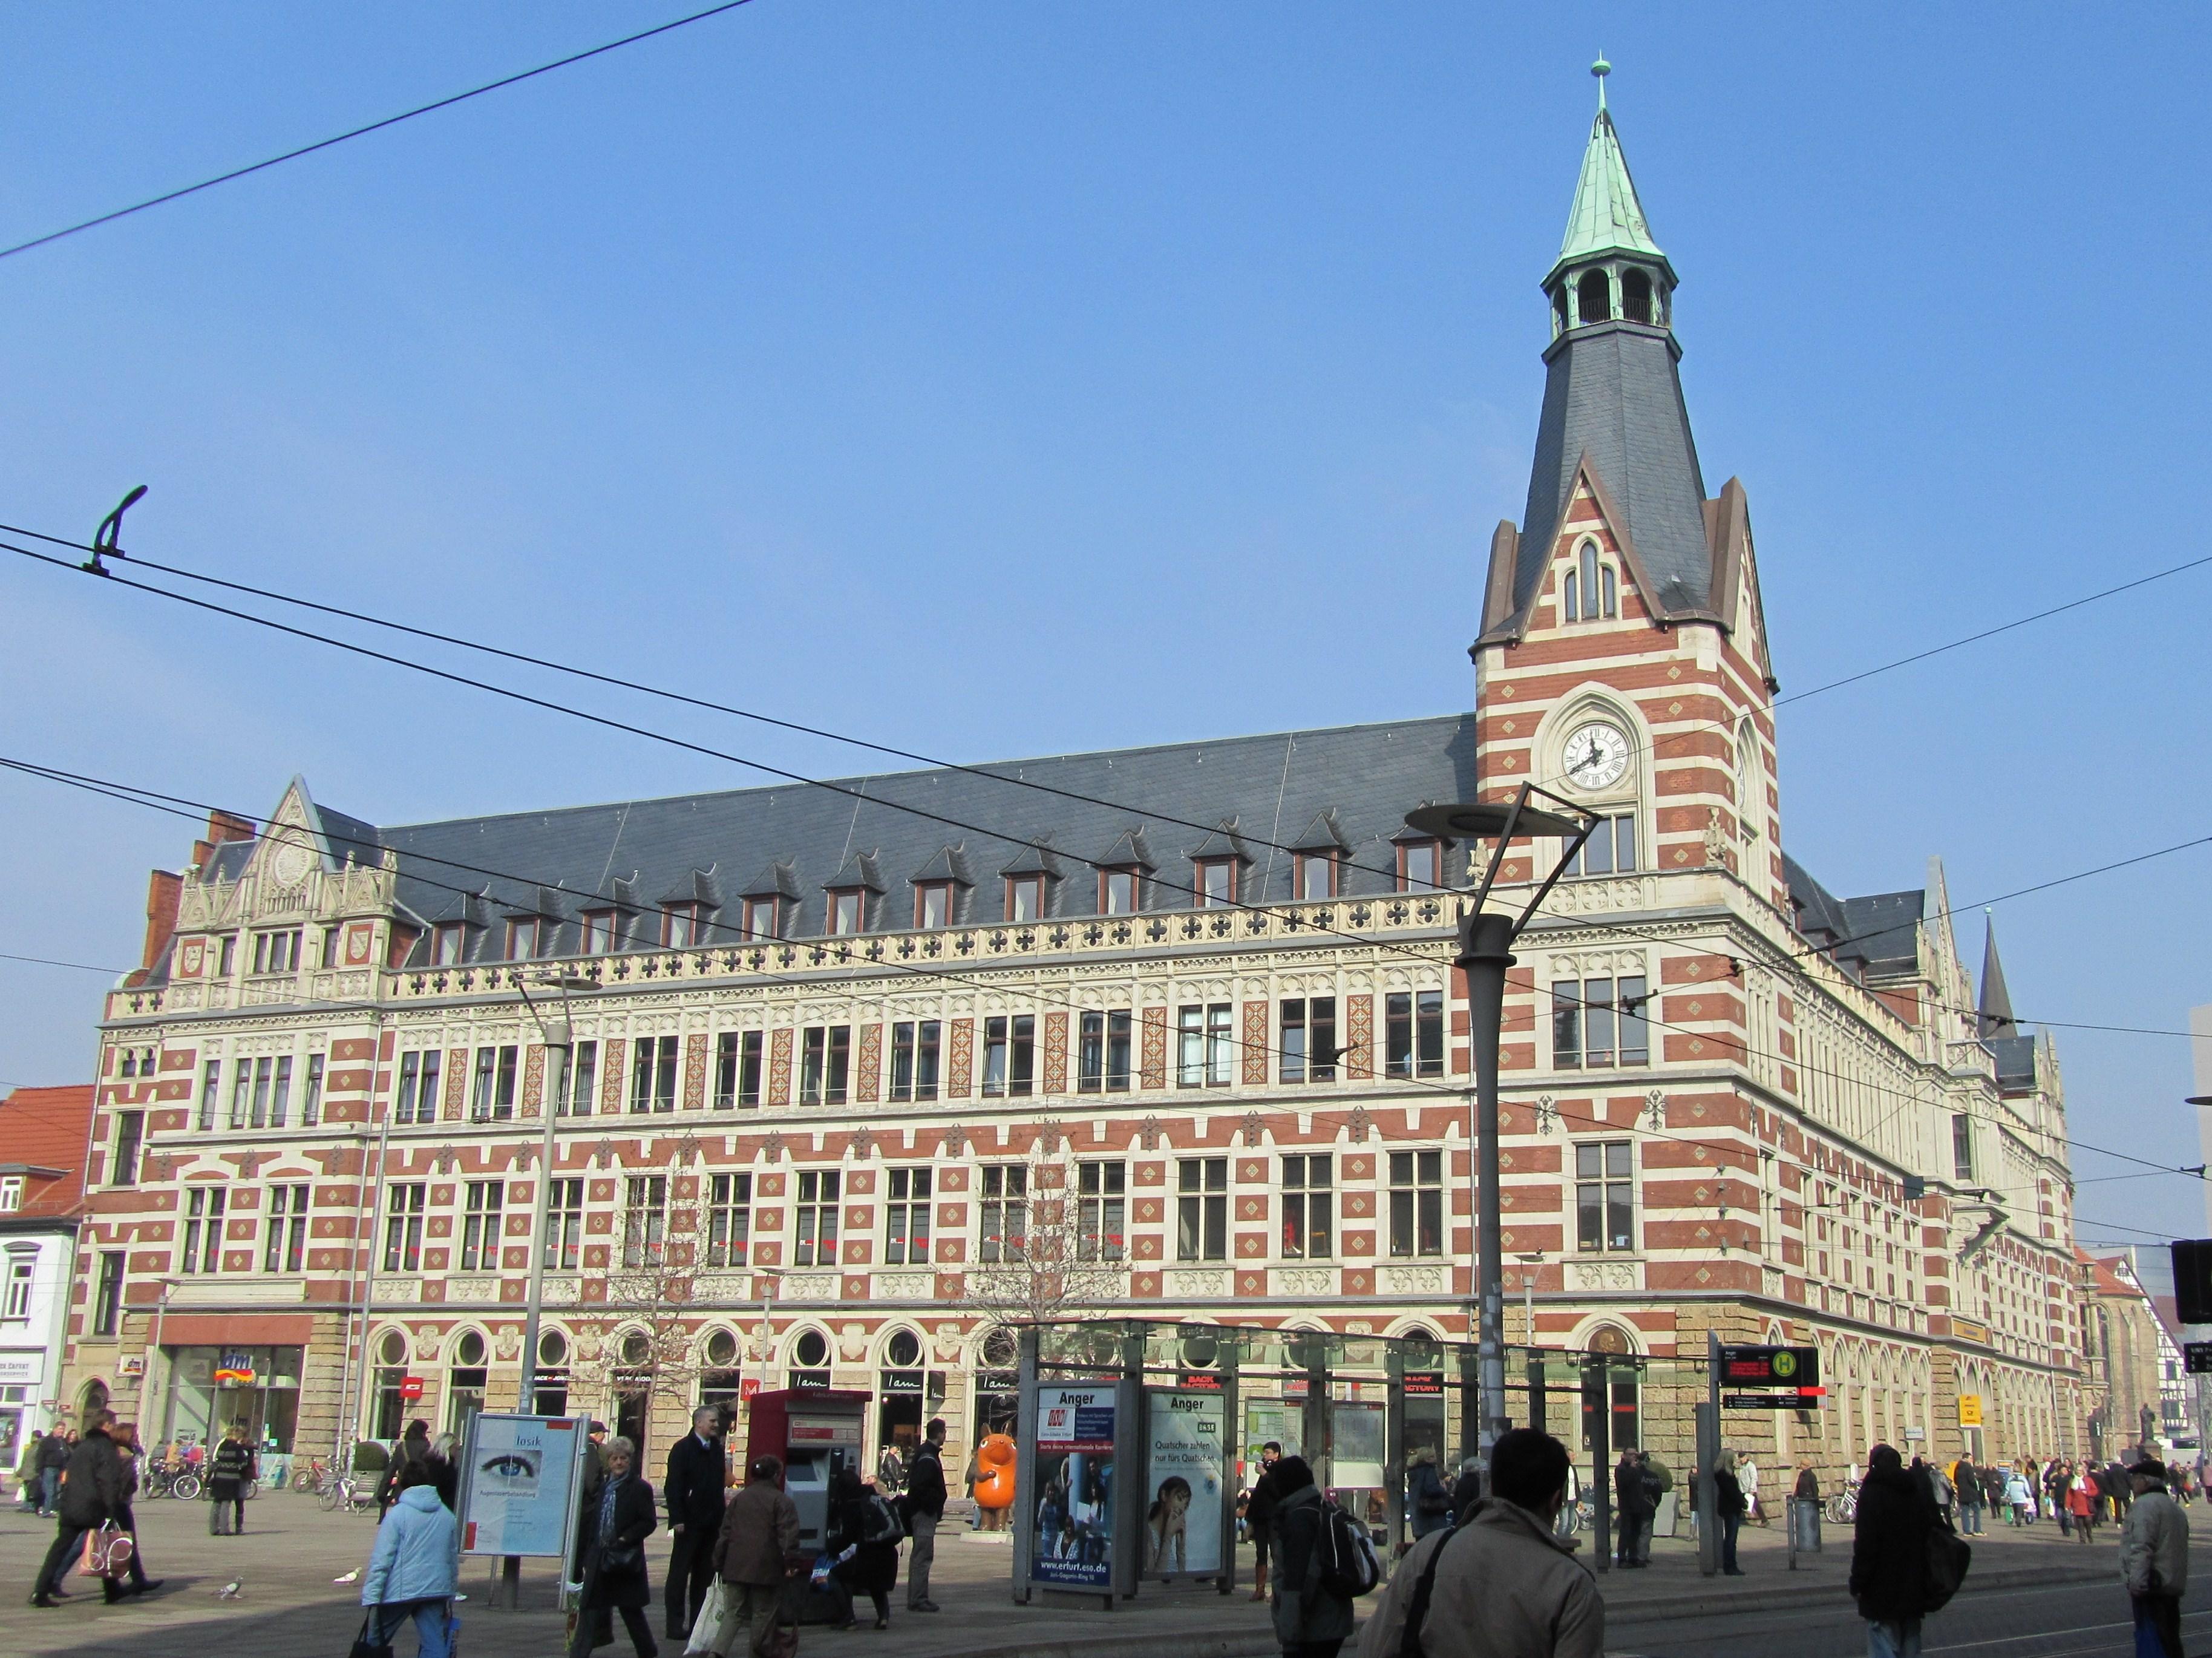 File:Hauptpost Erfurt2.JPG - Wikimedia Commons